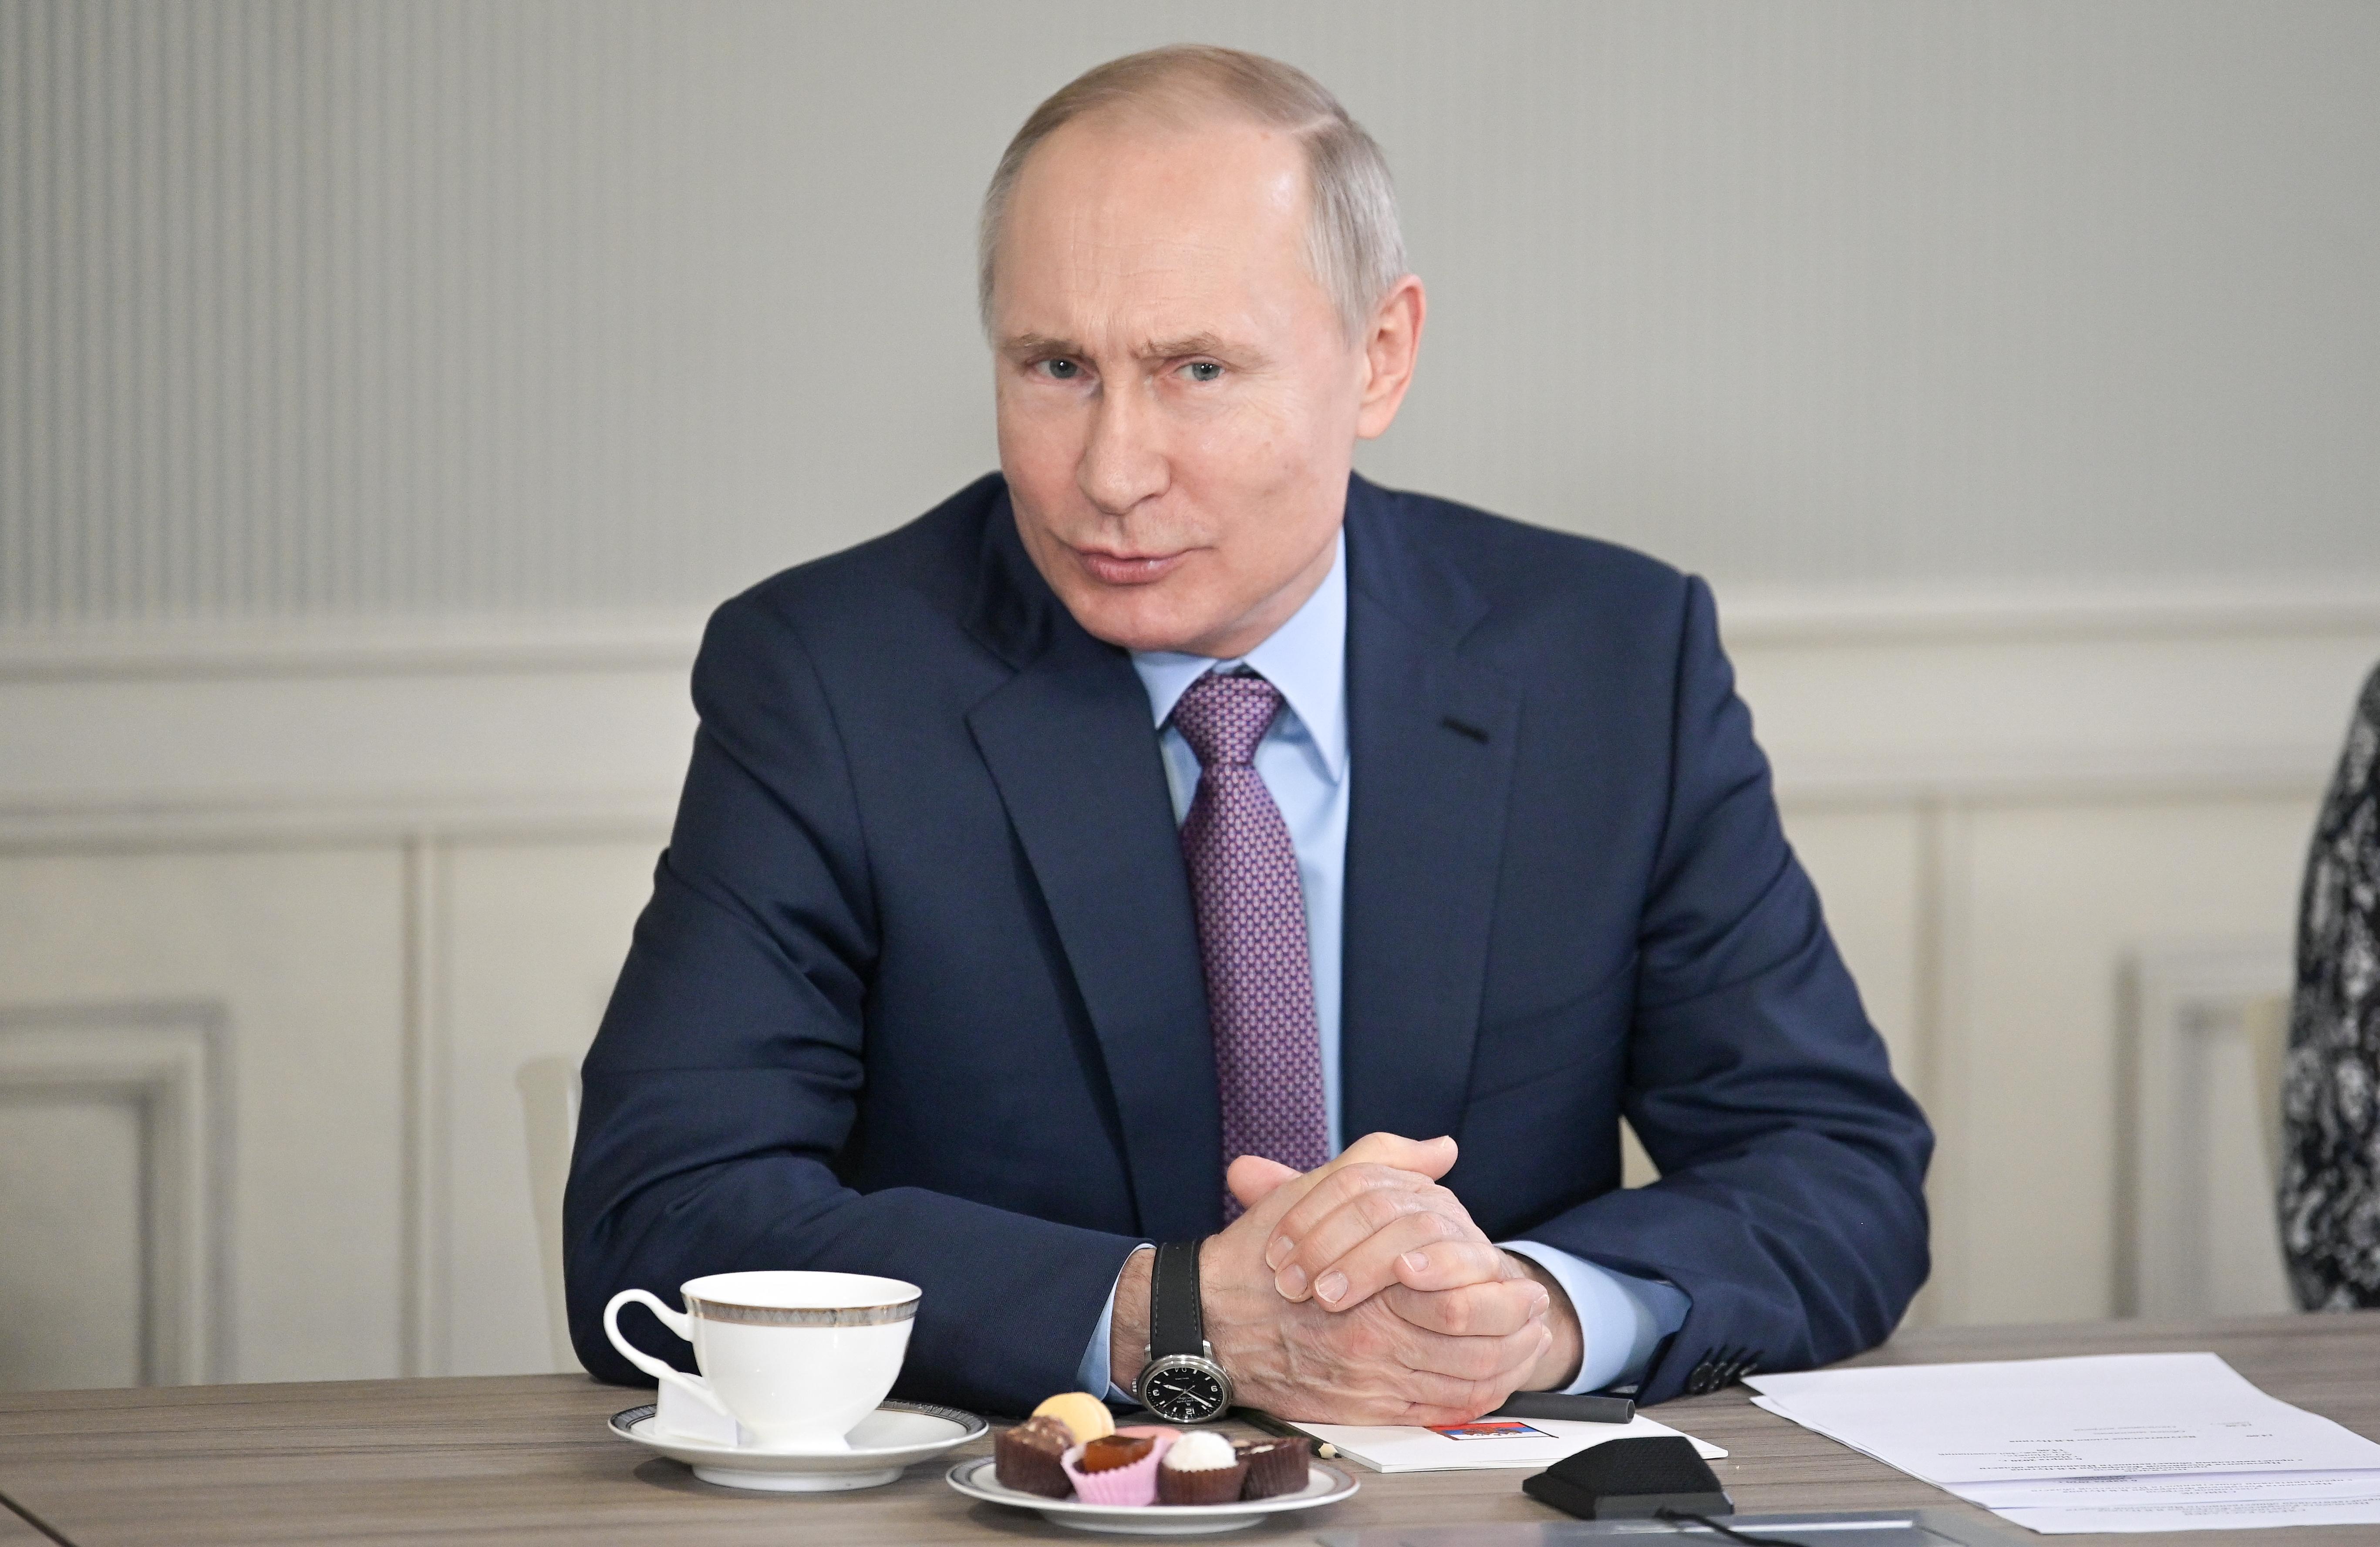 Putyin a járványhelyzet ellenére is megtartatja a hatalma meghosszabbításáról szóló népszavazást